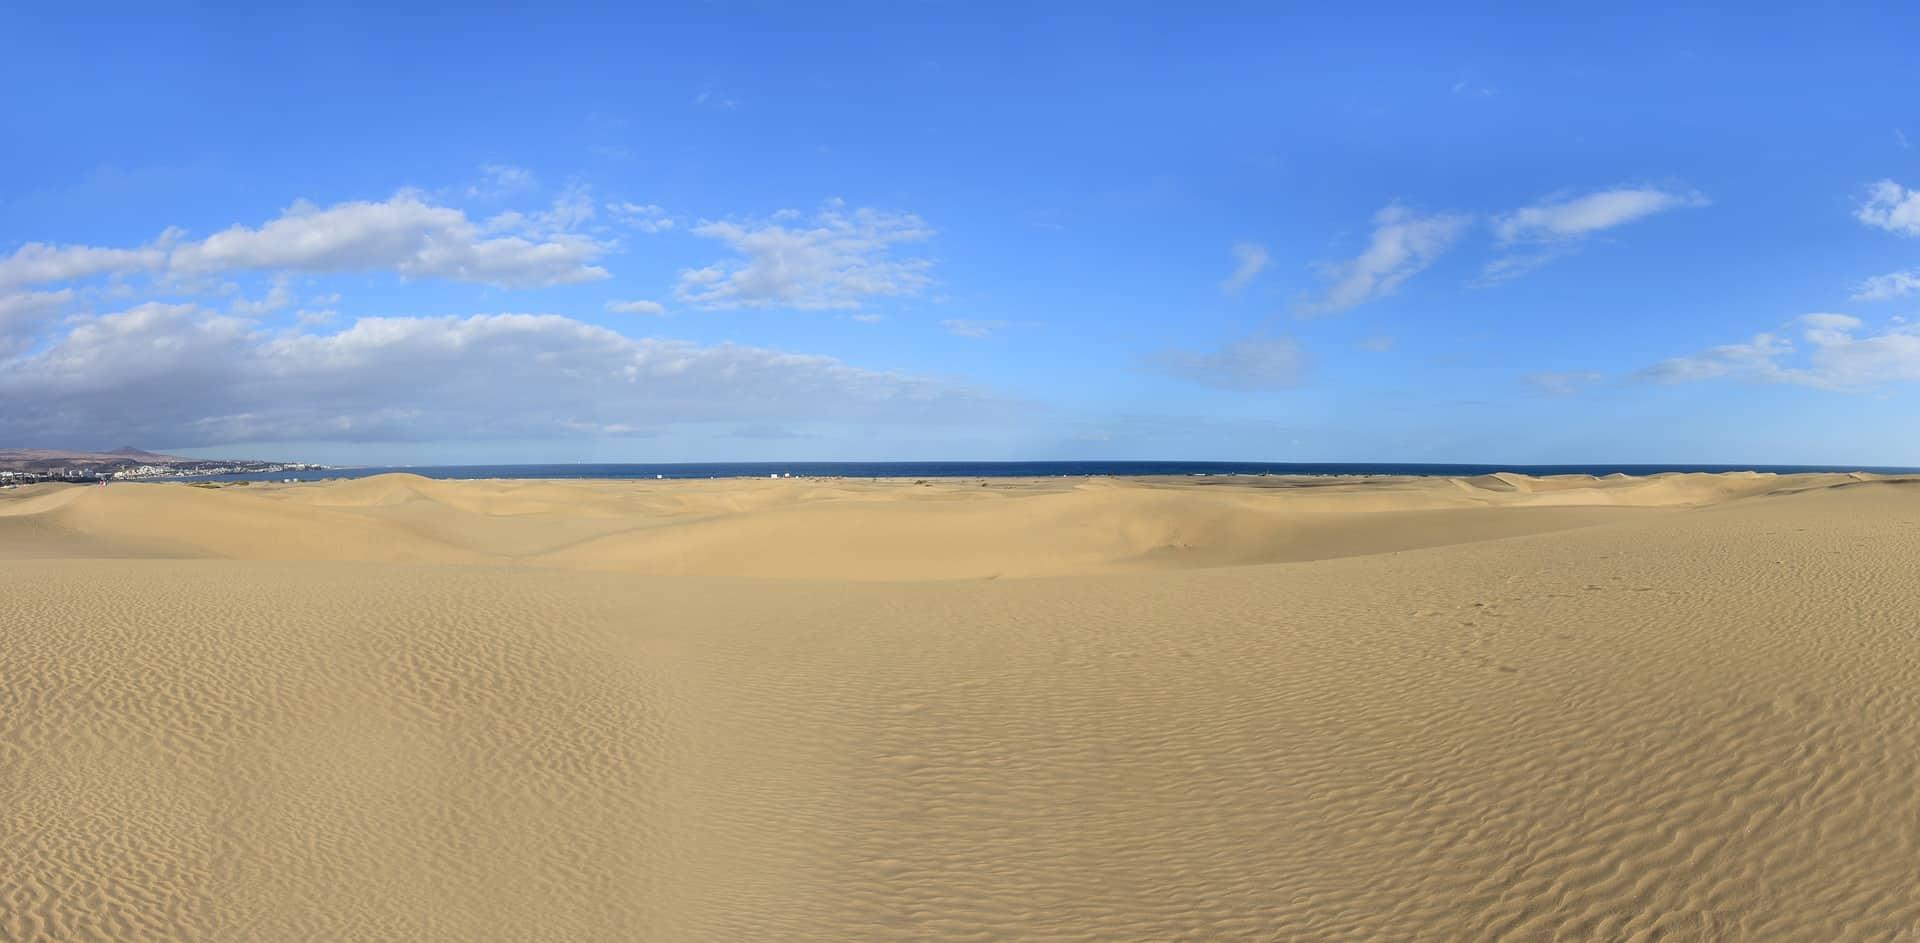 Maspolamas hier machst du am günstigsten All Inclusive Gran Canaria Urlaub